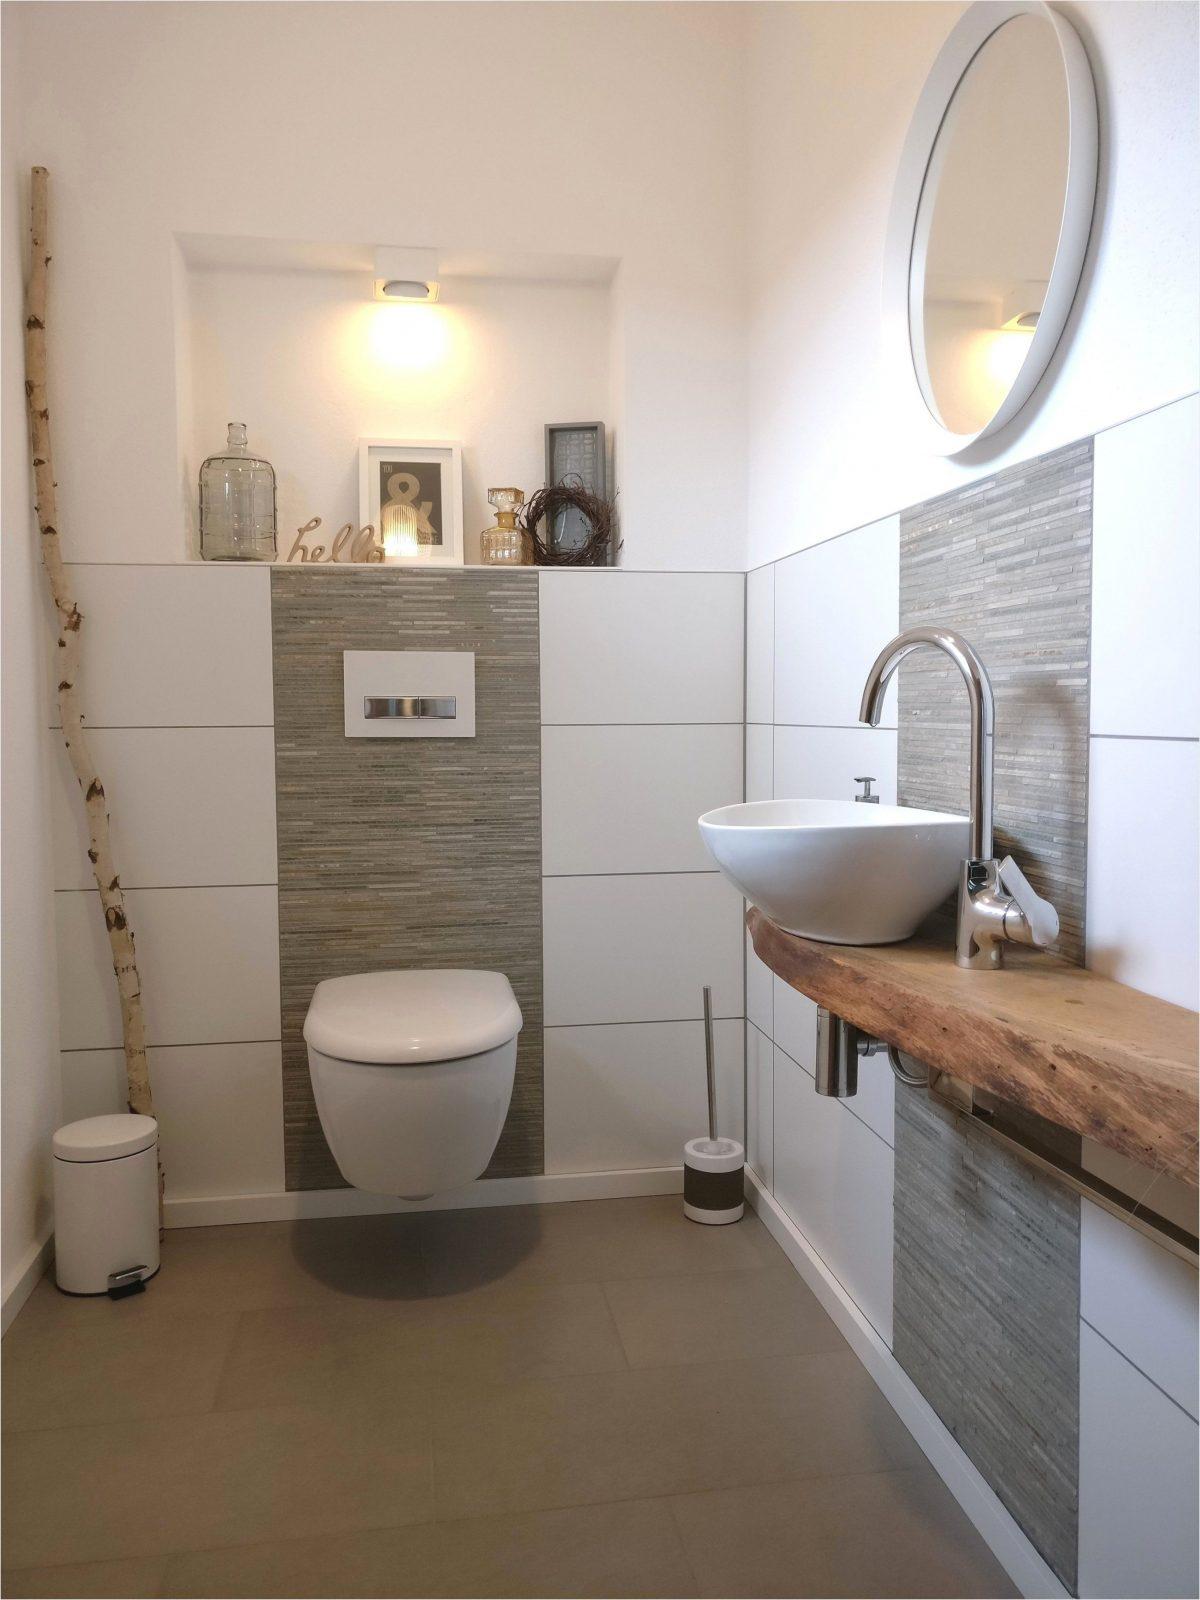 Kreativ Kleines Bad Einrichten Ideen Fr Gestaltung Mit Dusche For von Kleines Bad Einrichten Ideen Bild